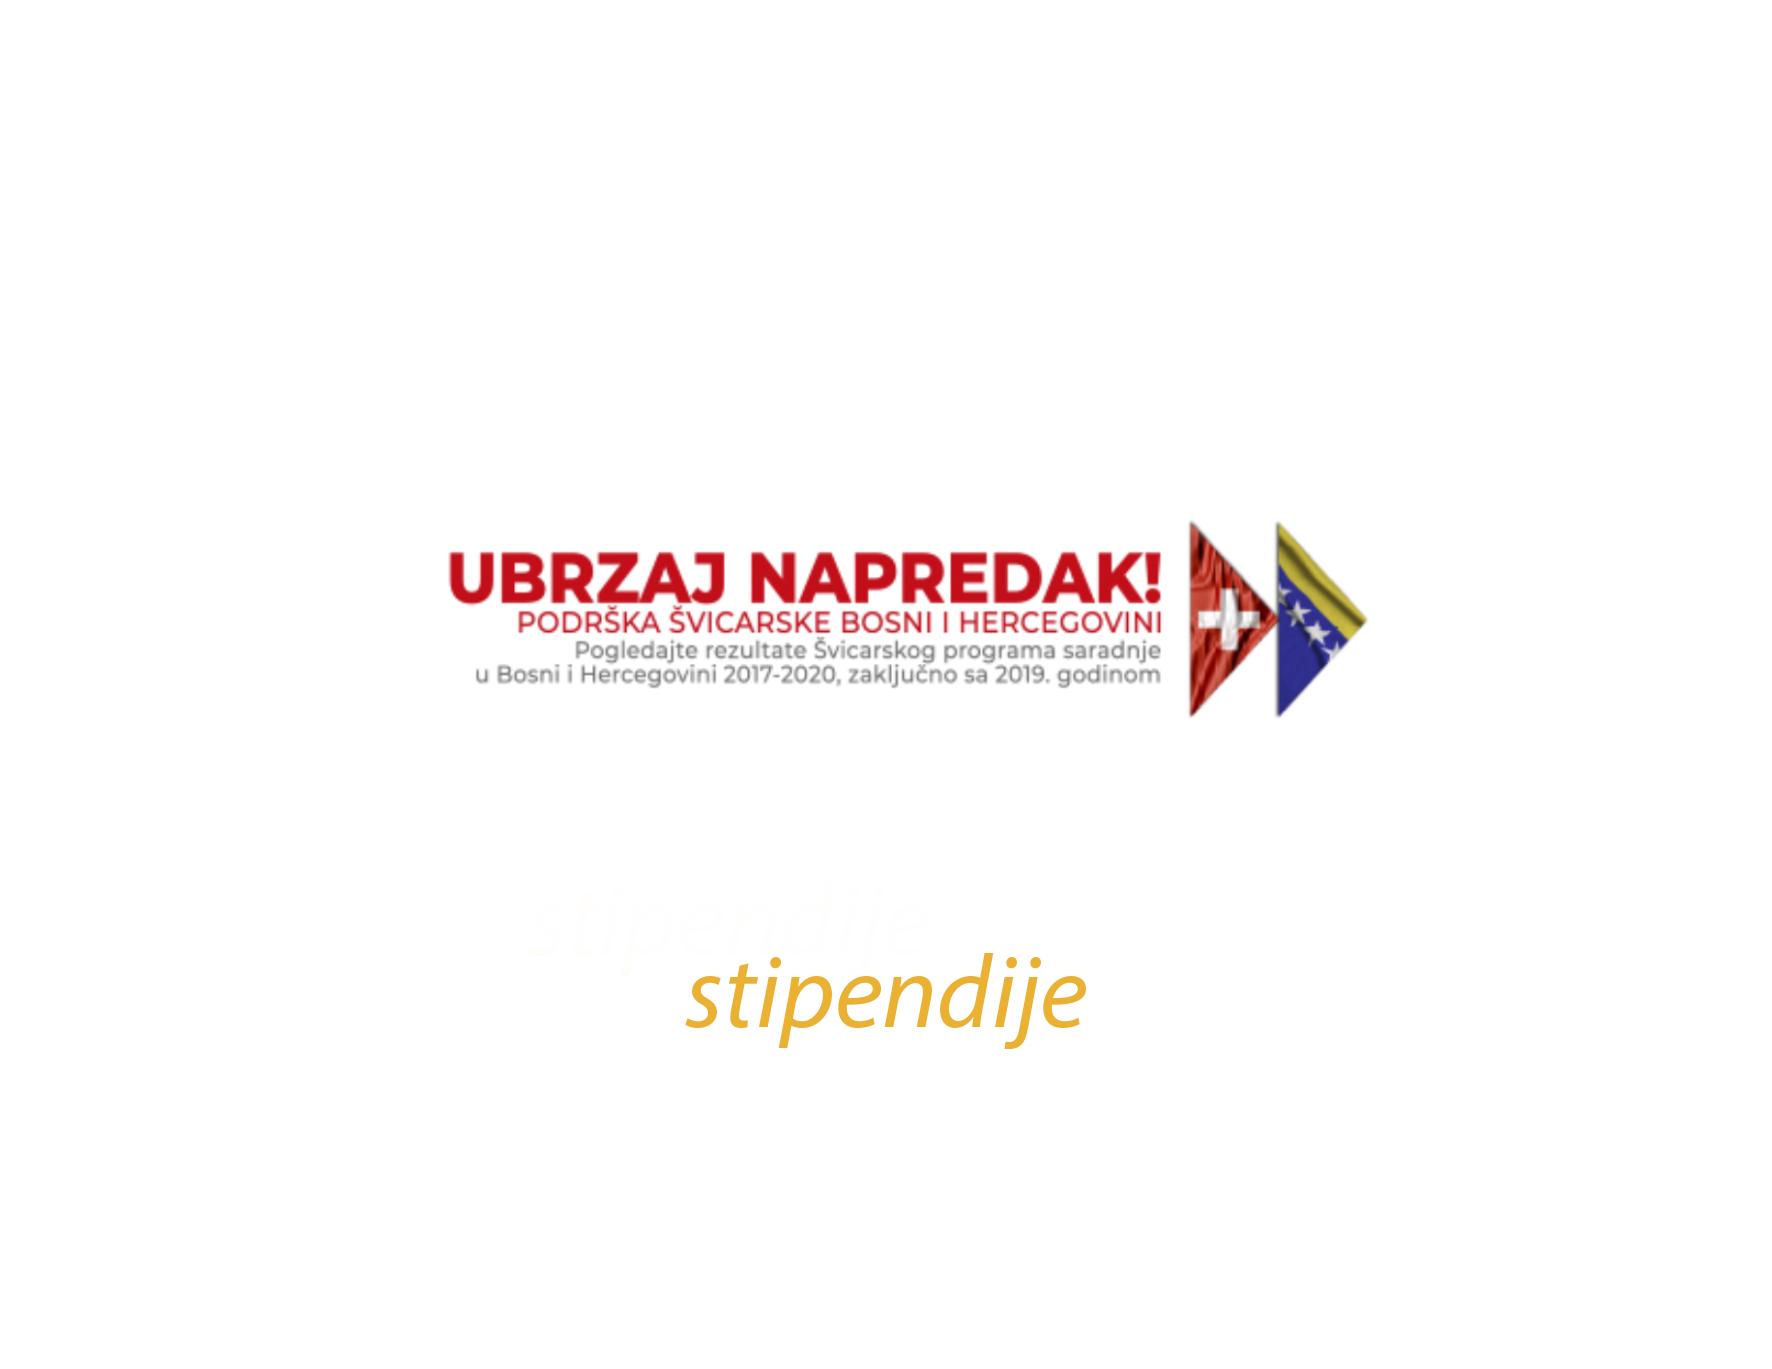 Stipendije za doktorske i postdoktorske studije i istraživačke projekte u Švicarskoj